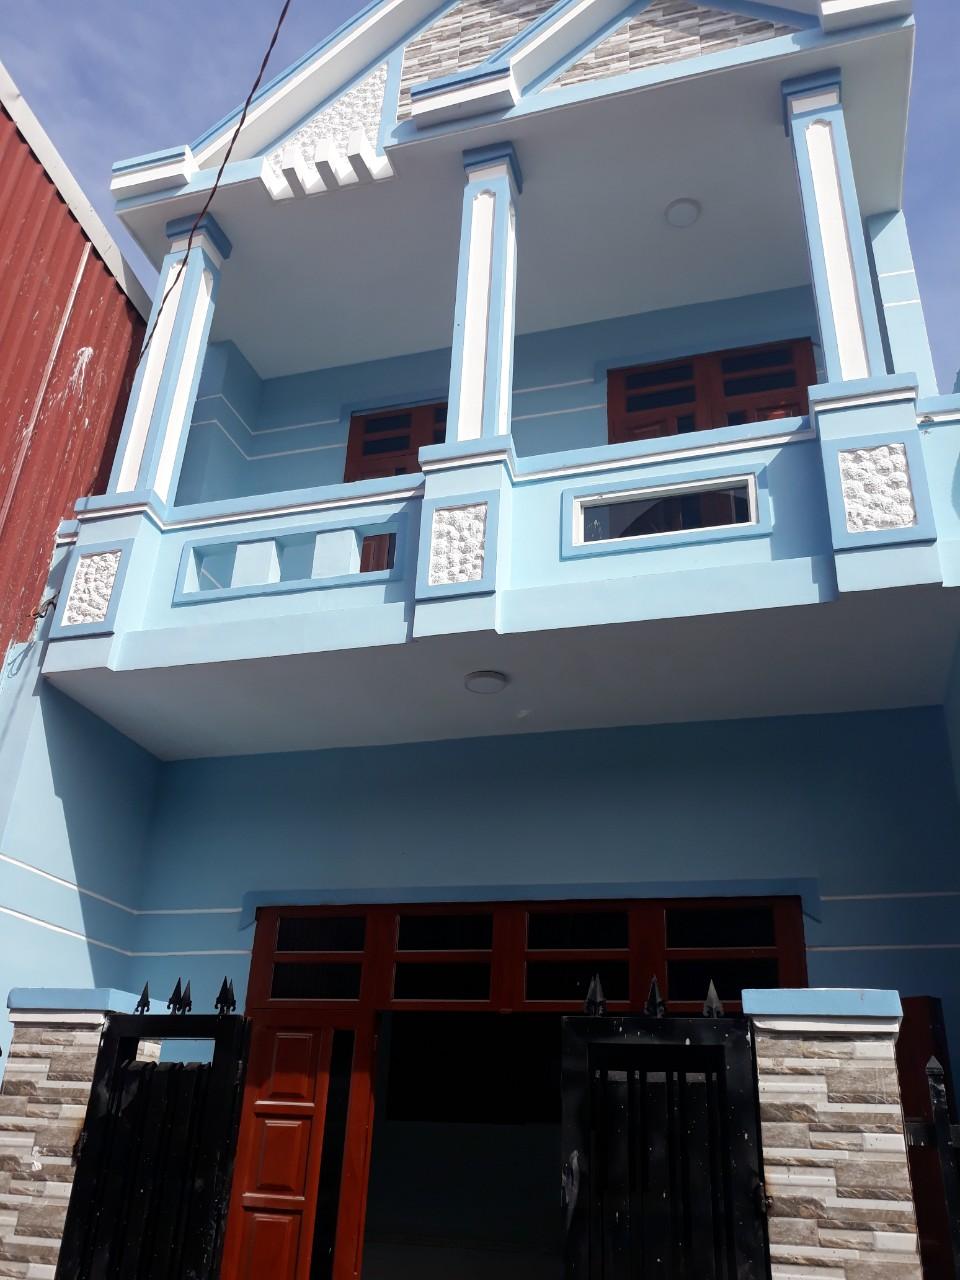 Bán nhà thuận an, Nhà phố 2 tầng giá rẻ gần ngã tư Bình Chuẩn